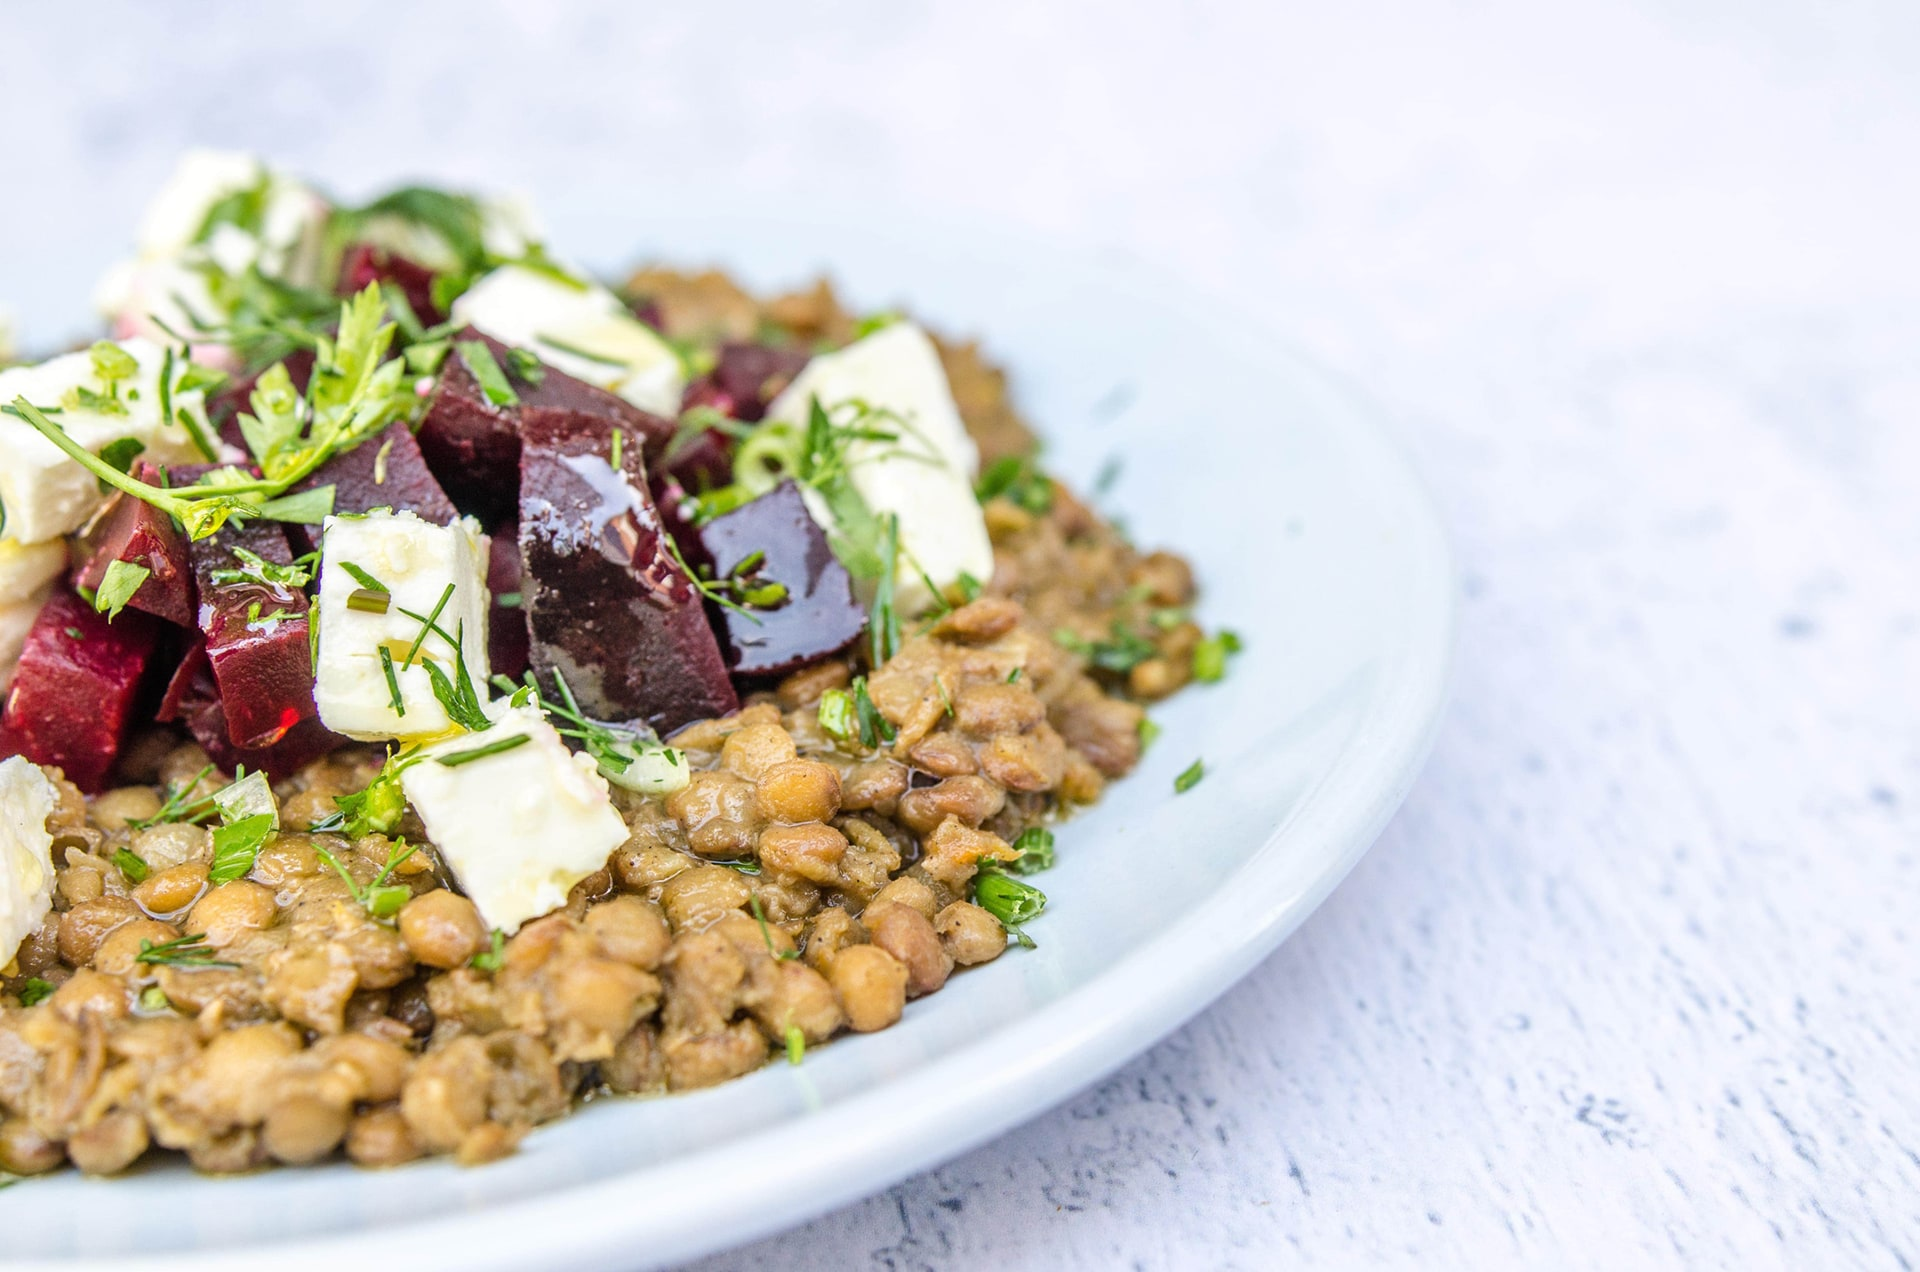 The Real Greek - Greek Food & Ingredients - Lentils